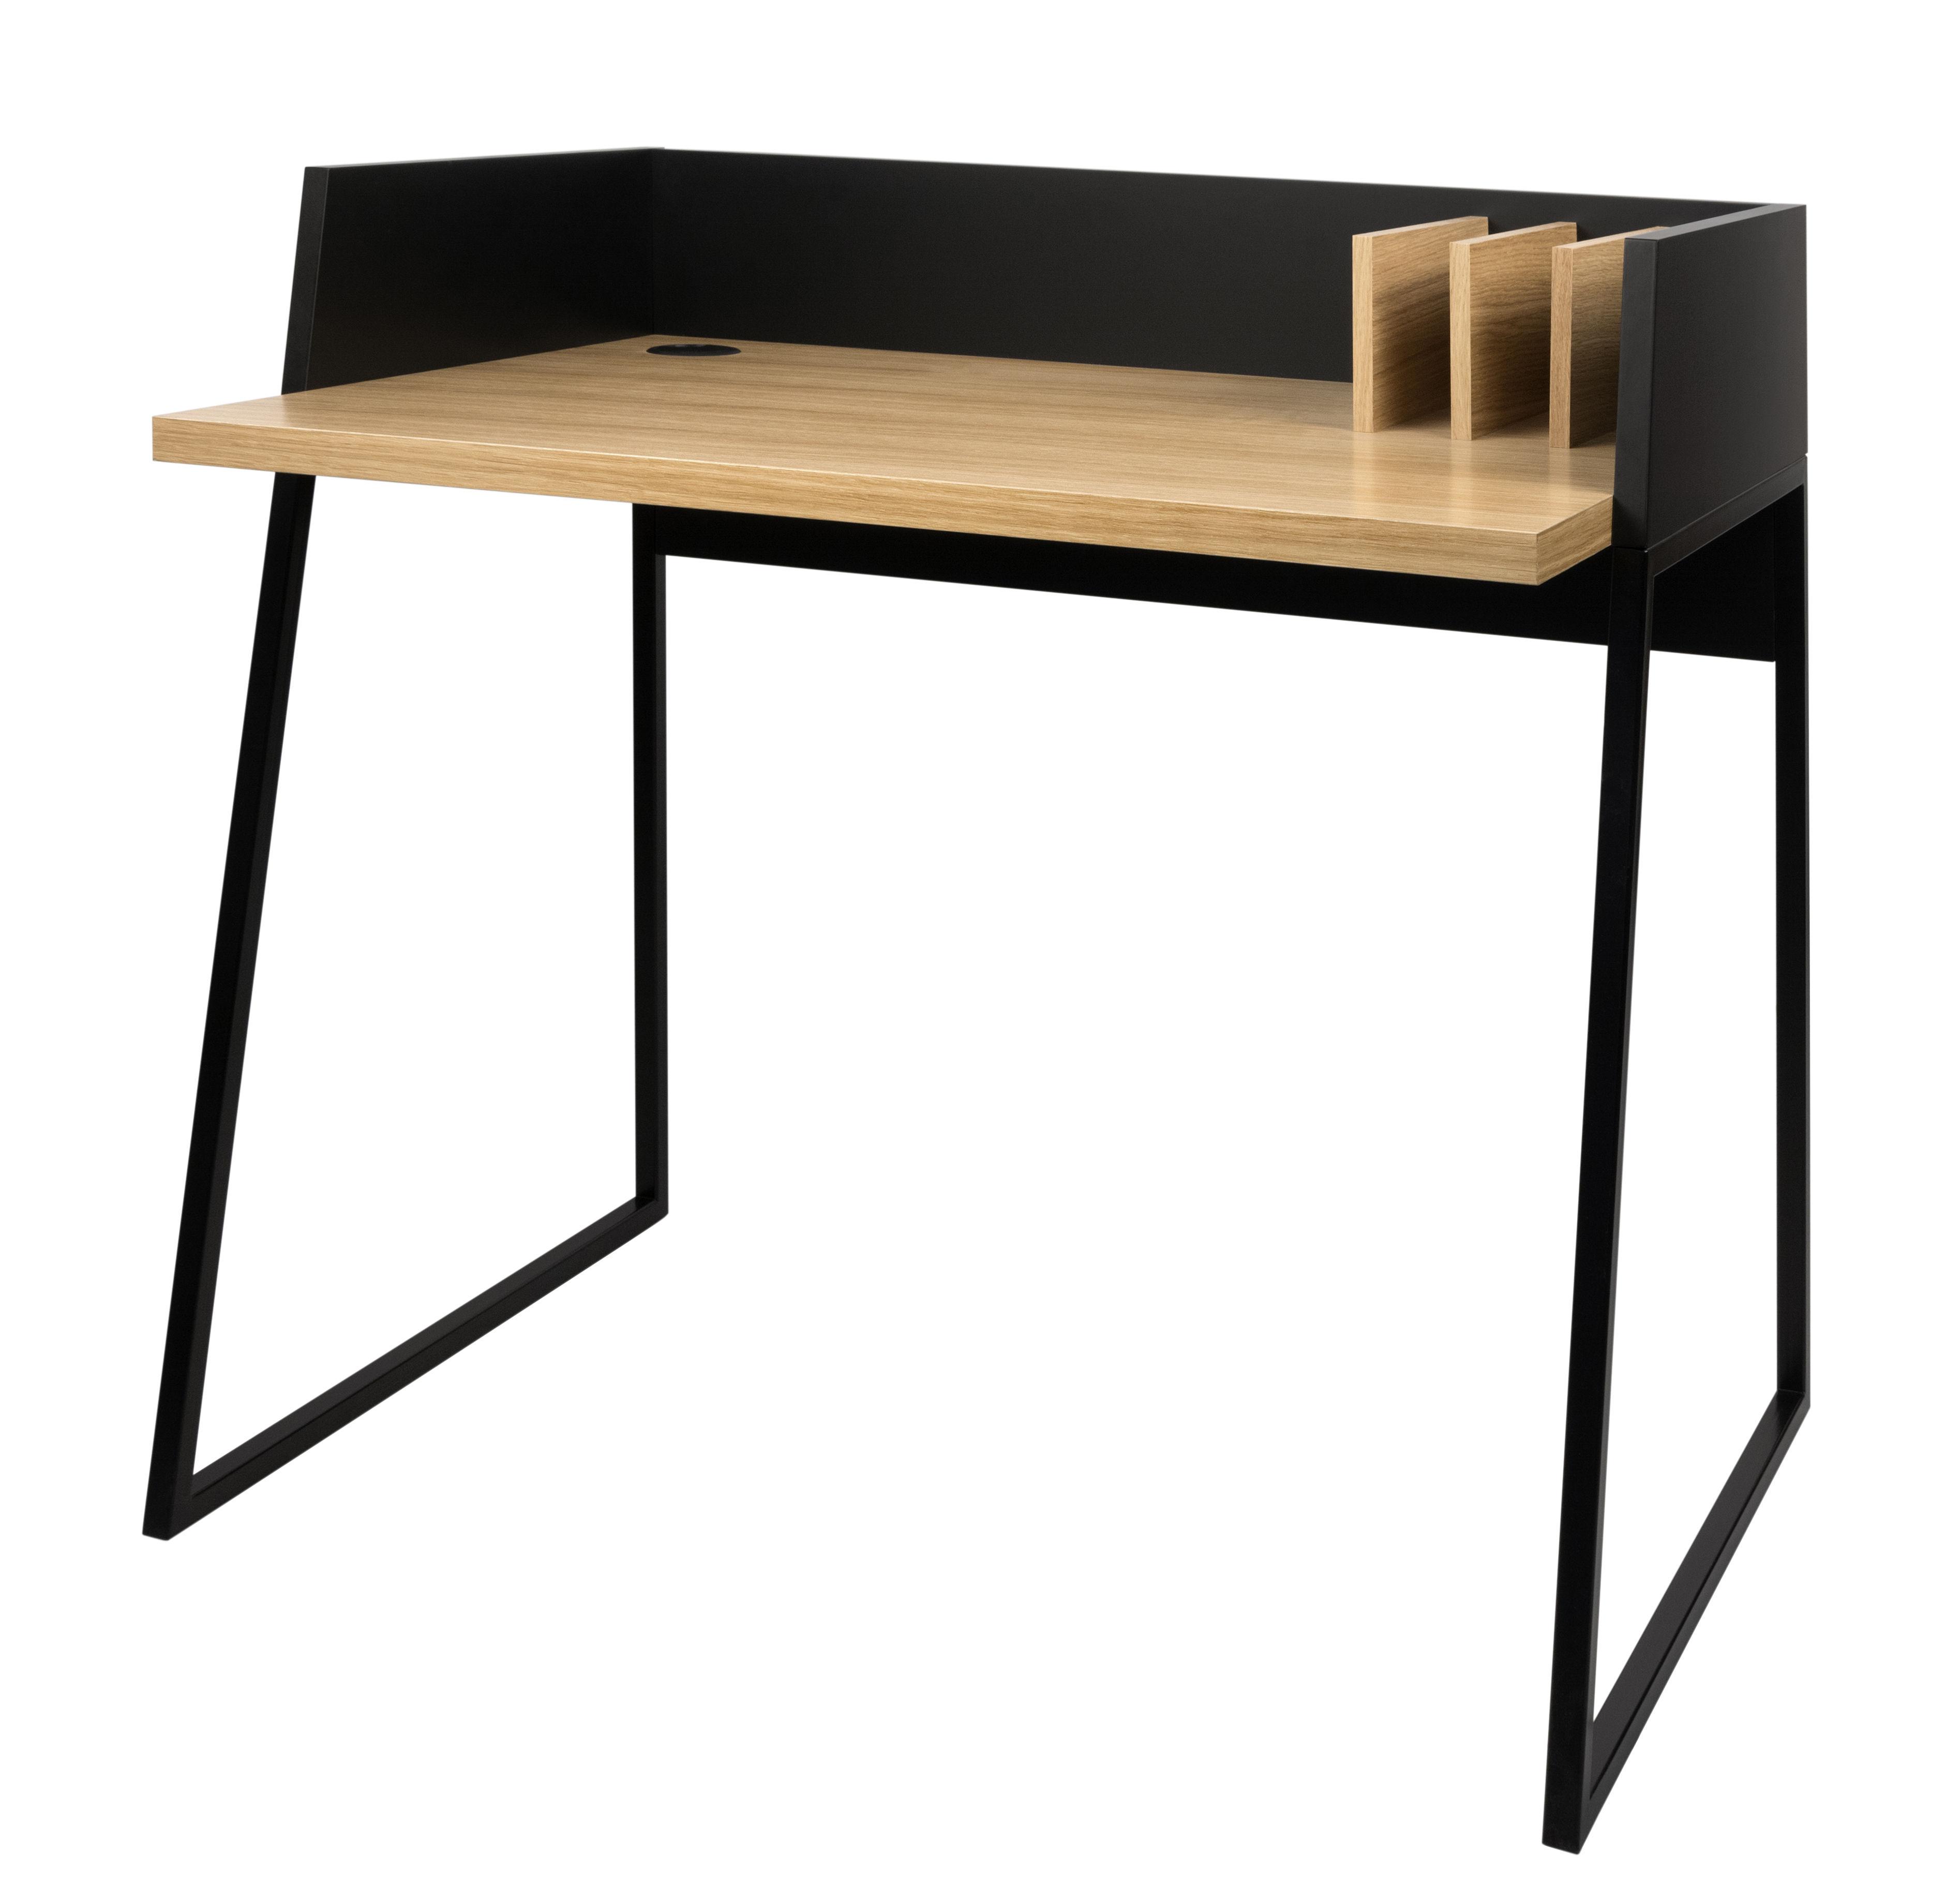 Arredamento - Mobili da ufficio - Scrivania Working - POP UP HOME - Nero / Quercia - Impiallacciatura rovere, MDF tinto, metallo laccato, Pannelli alveolari